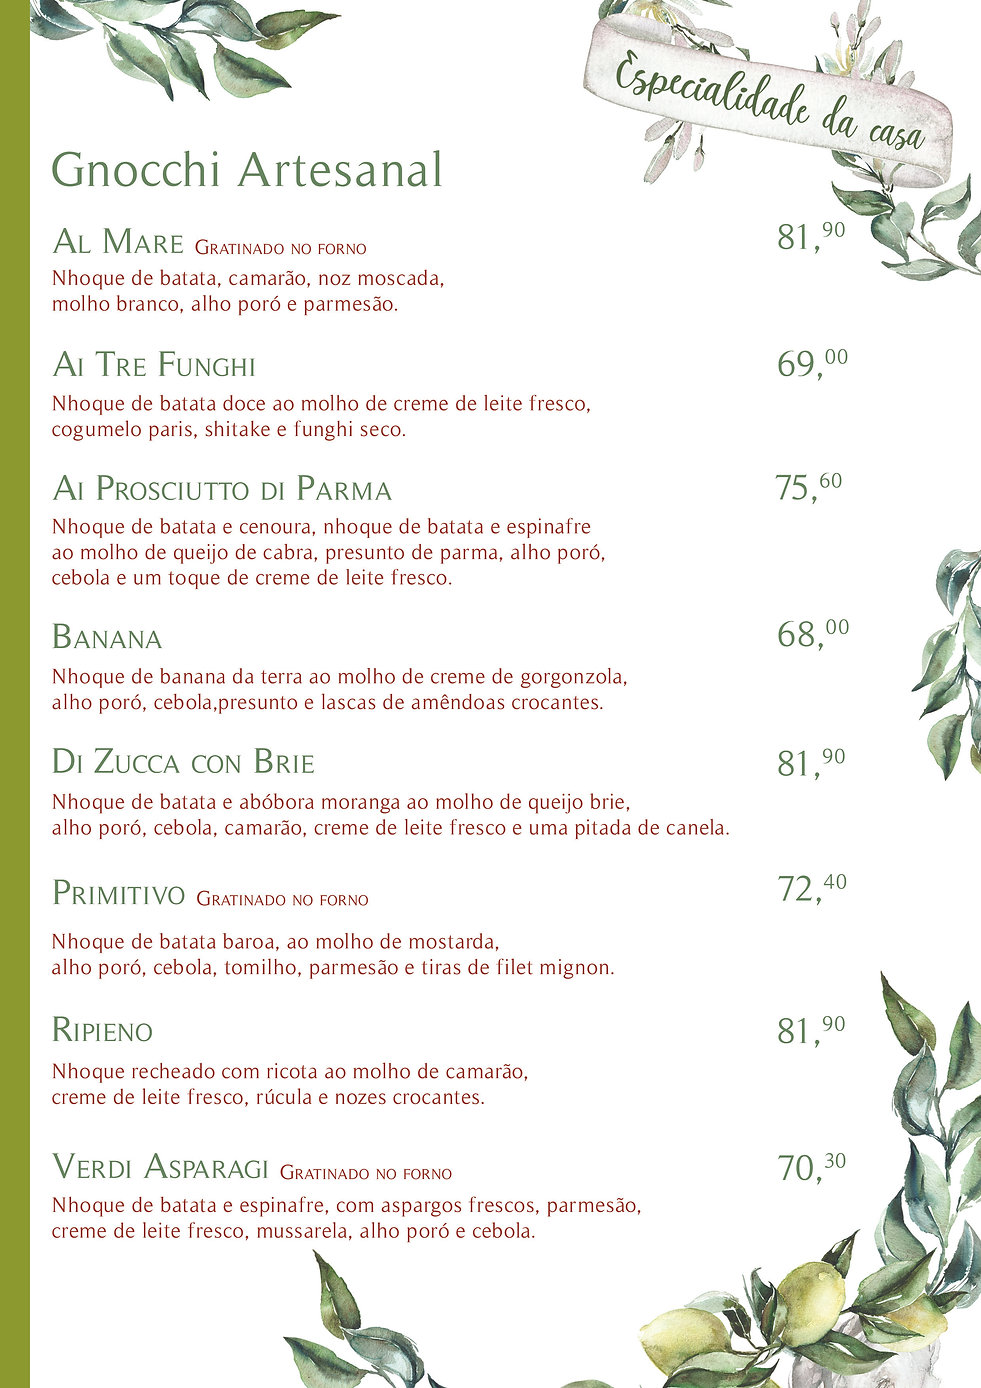 02 - Gnocchi.jpg